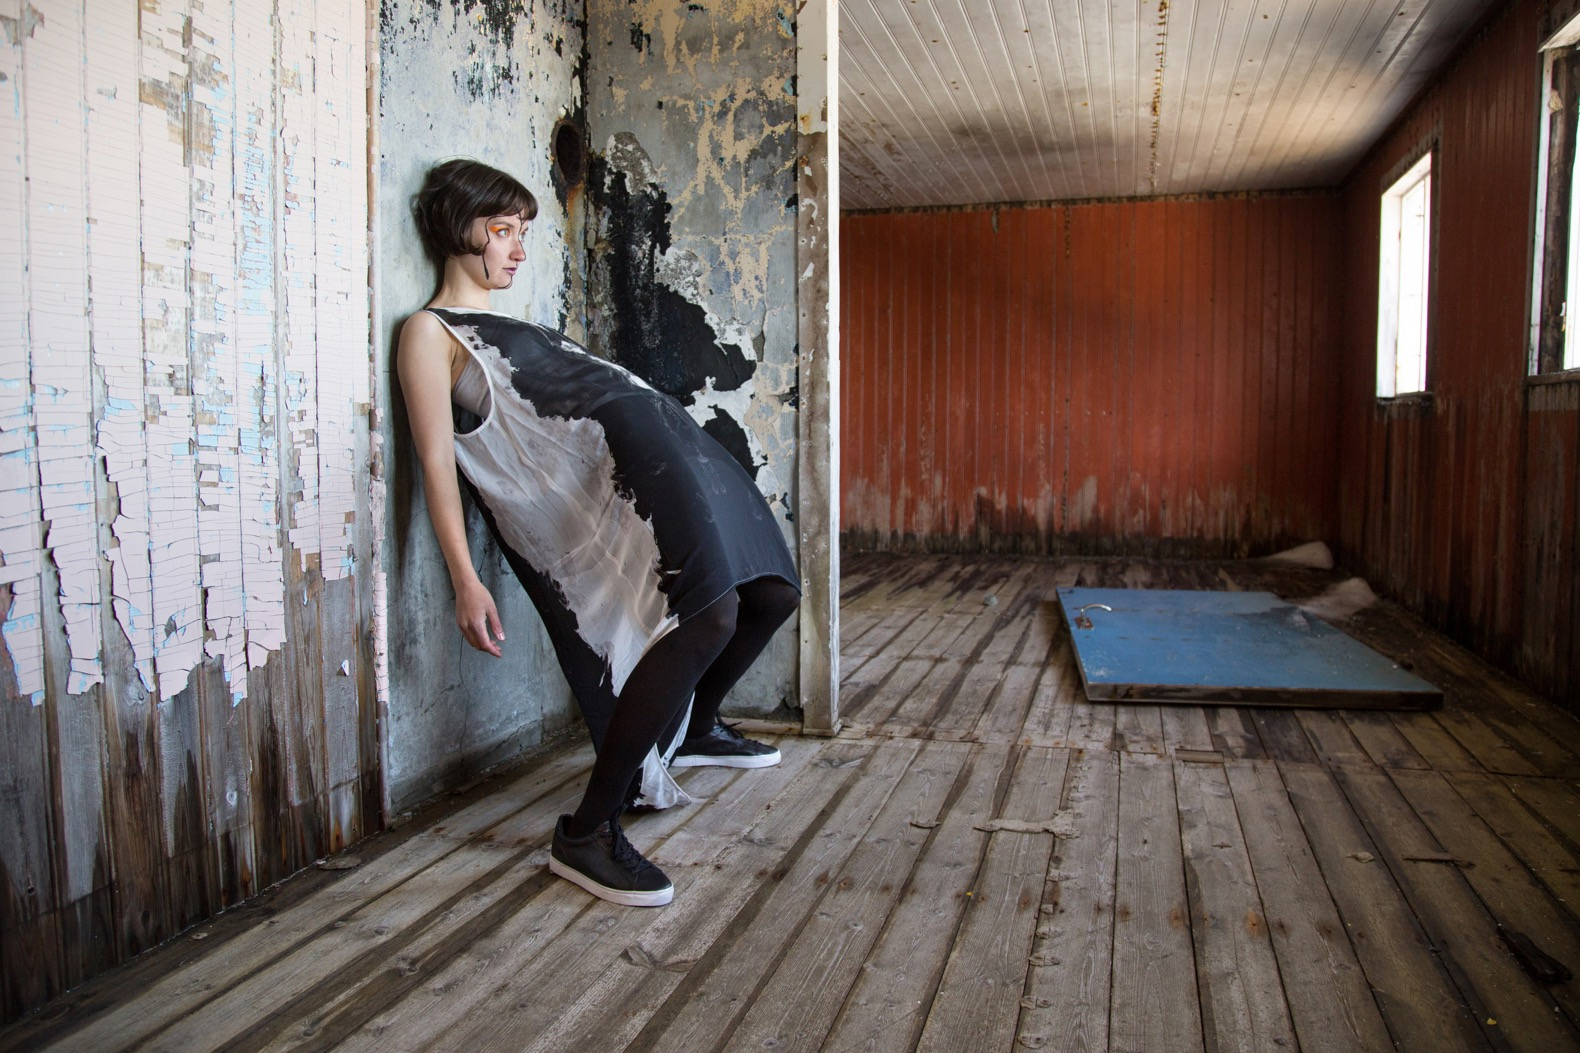 Inkeri Jäntti hyrede danser Maliina Abelsen til at være model i nogle hendes fotografier. De sejlede til Kangeq – en efterladt bygd lidt udenfor Nuuk – og fotograferede et æstetisk udtryk over traume inspireret af fjeldgængeren eller Qivittoq – dem som gik til fjelds eller forlod samfundet i skam eller skyld.